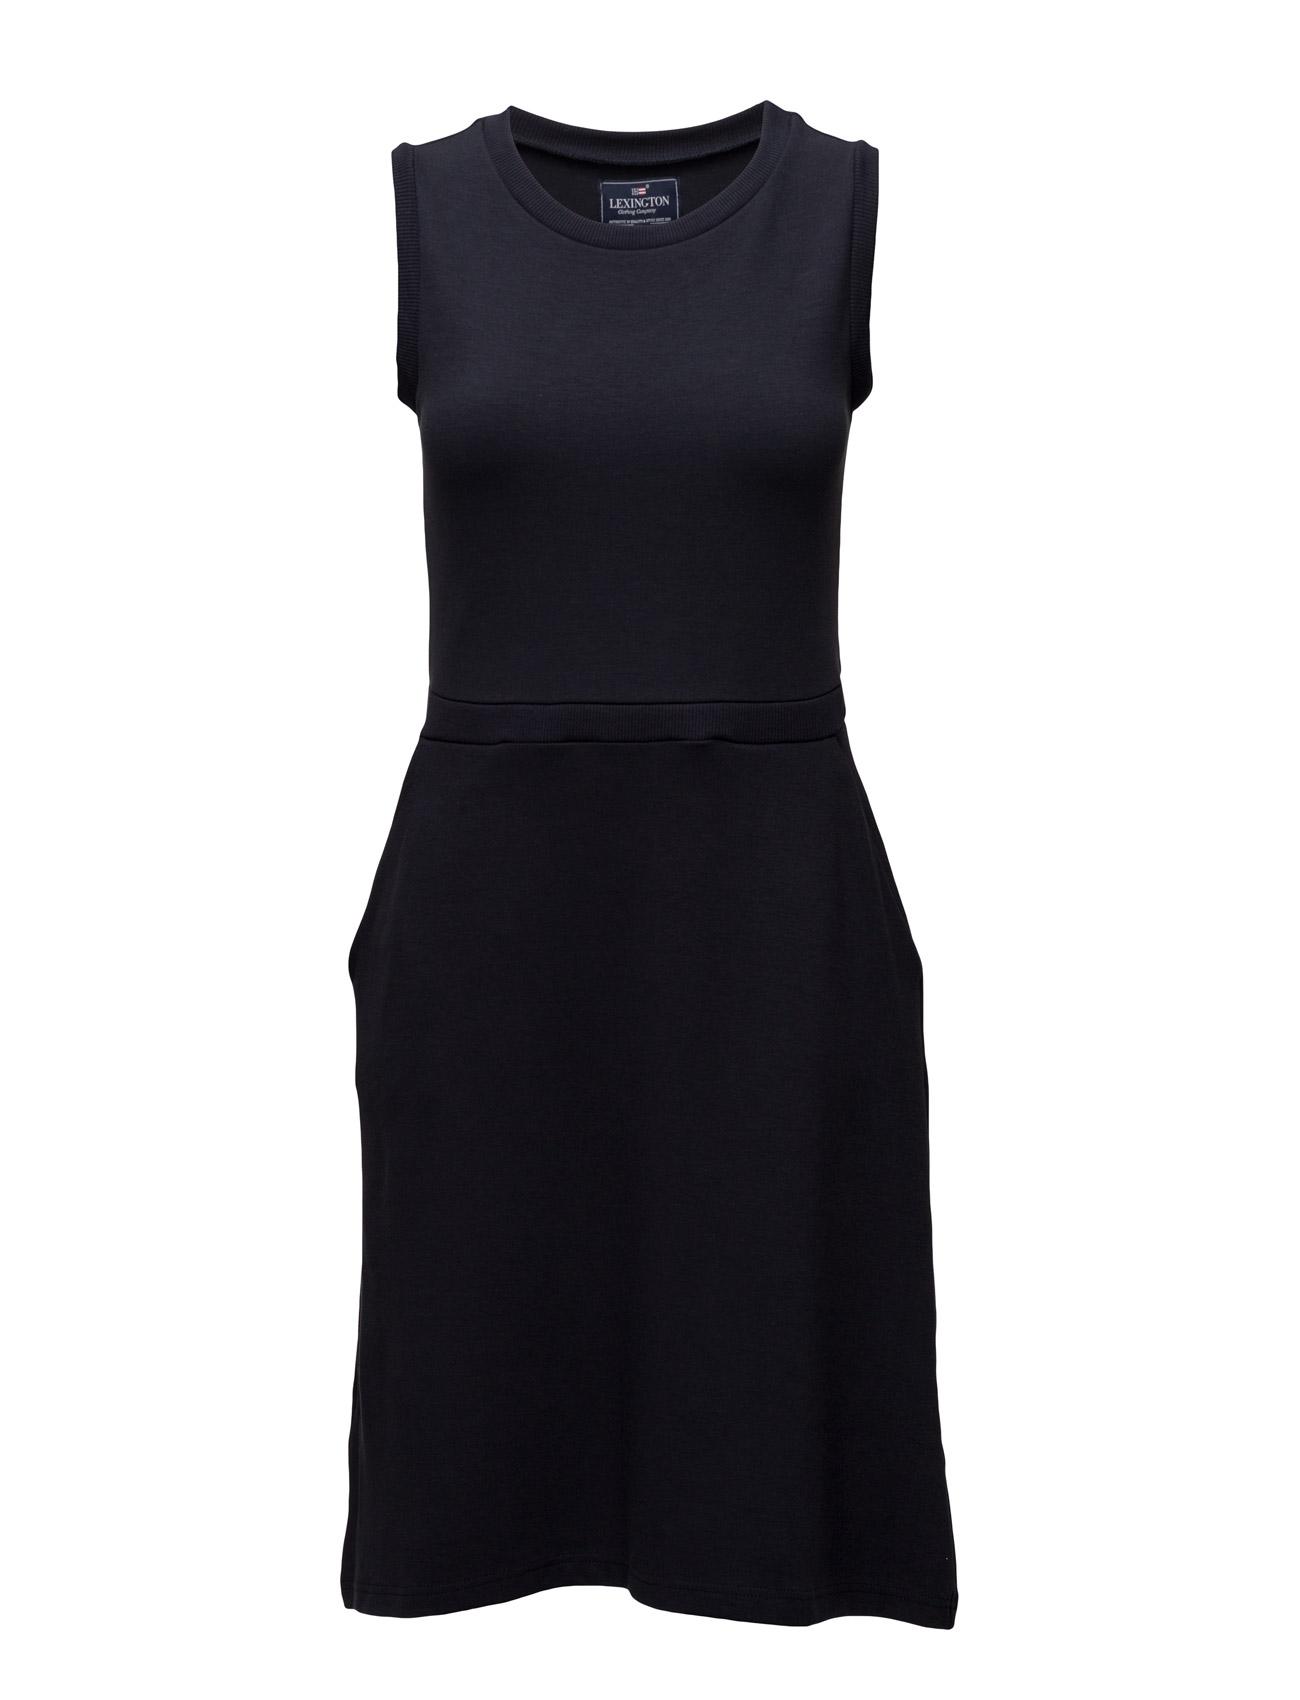 Gemma Dress Lexington Company Knælange & mellemlange til Damer i Deep Marine Blå